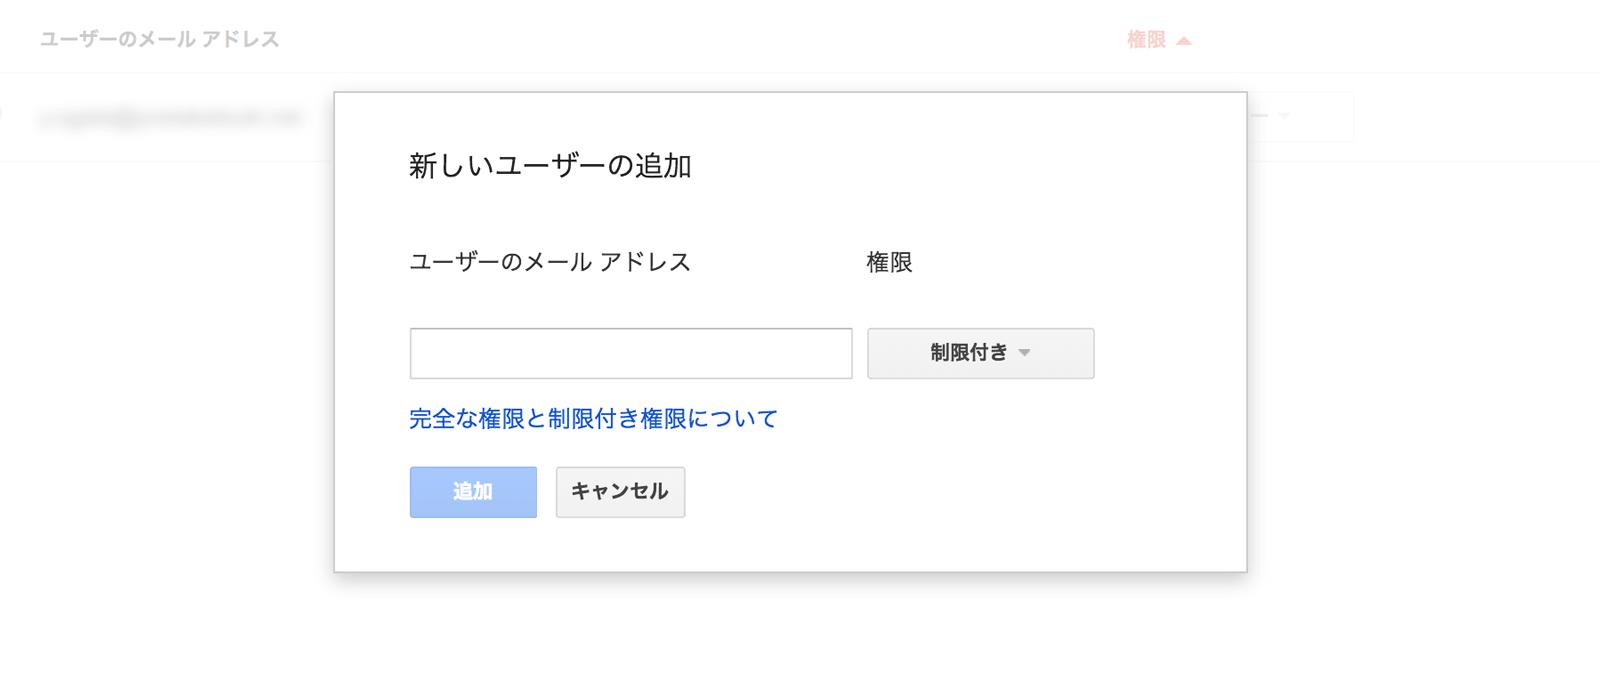 ユーザー追加のポップアップが表示されます